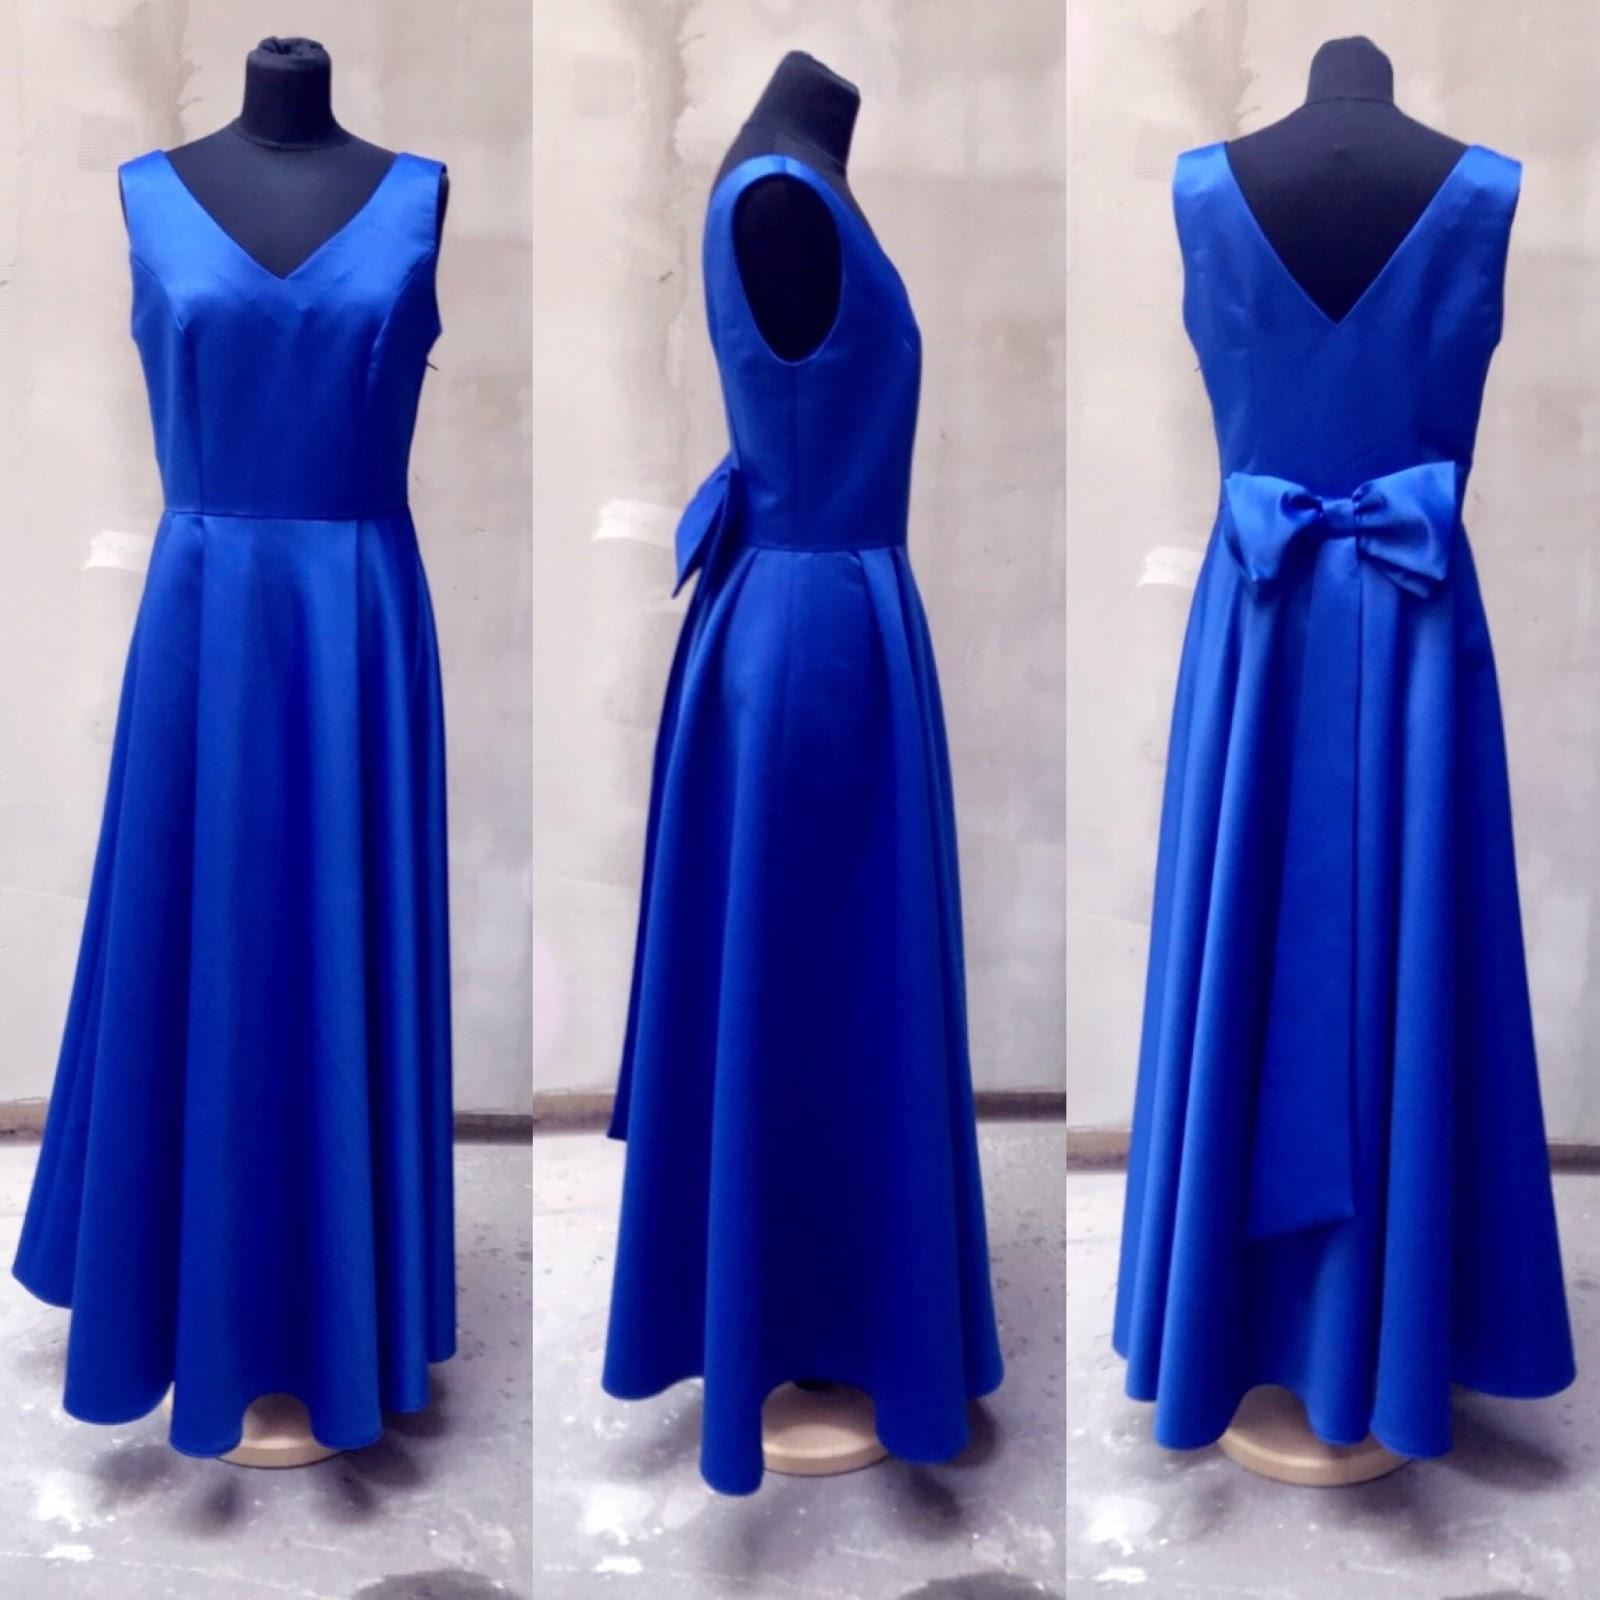 dbb2ada93900 handmade  modré spoločenské šaty s veľkou mašlou    stylingové tipy